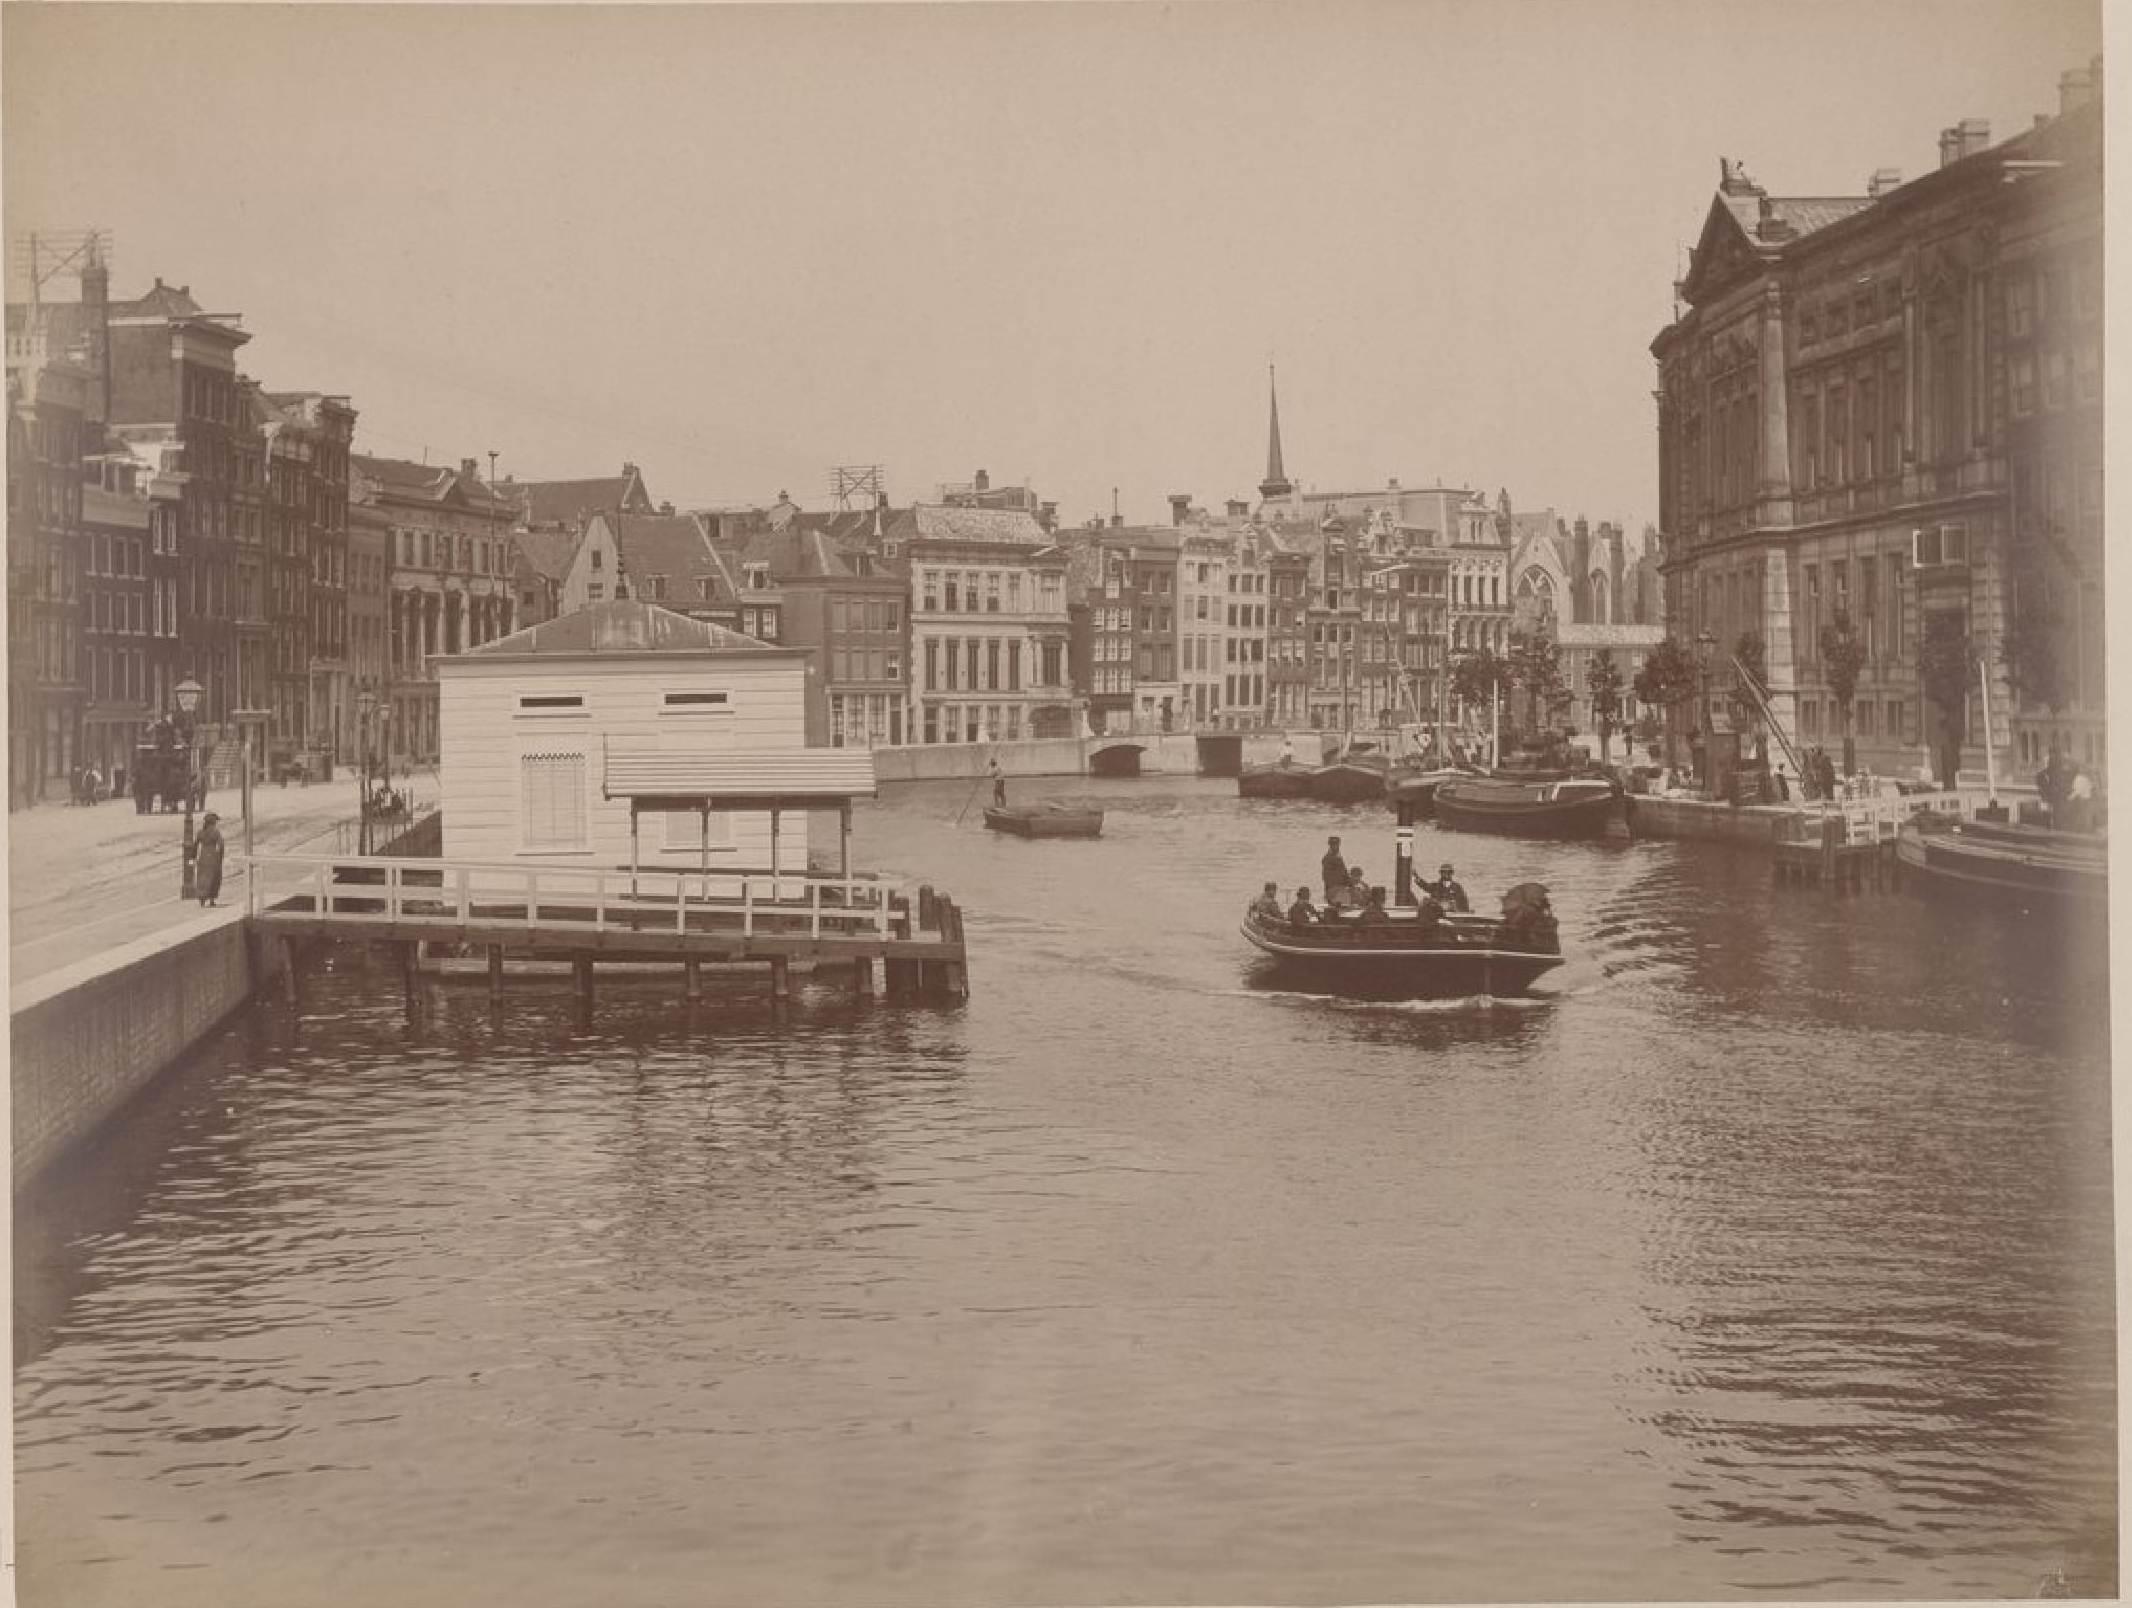 Амстердам. Улица Ракин, 15 мая 1888